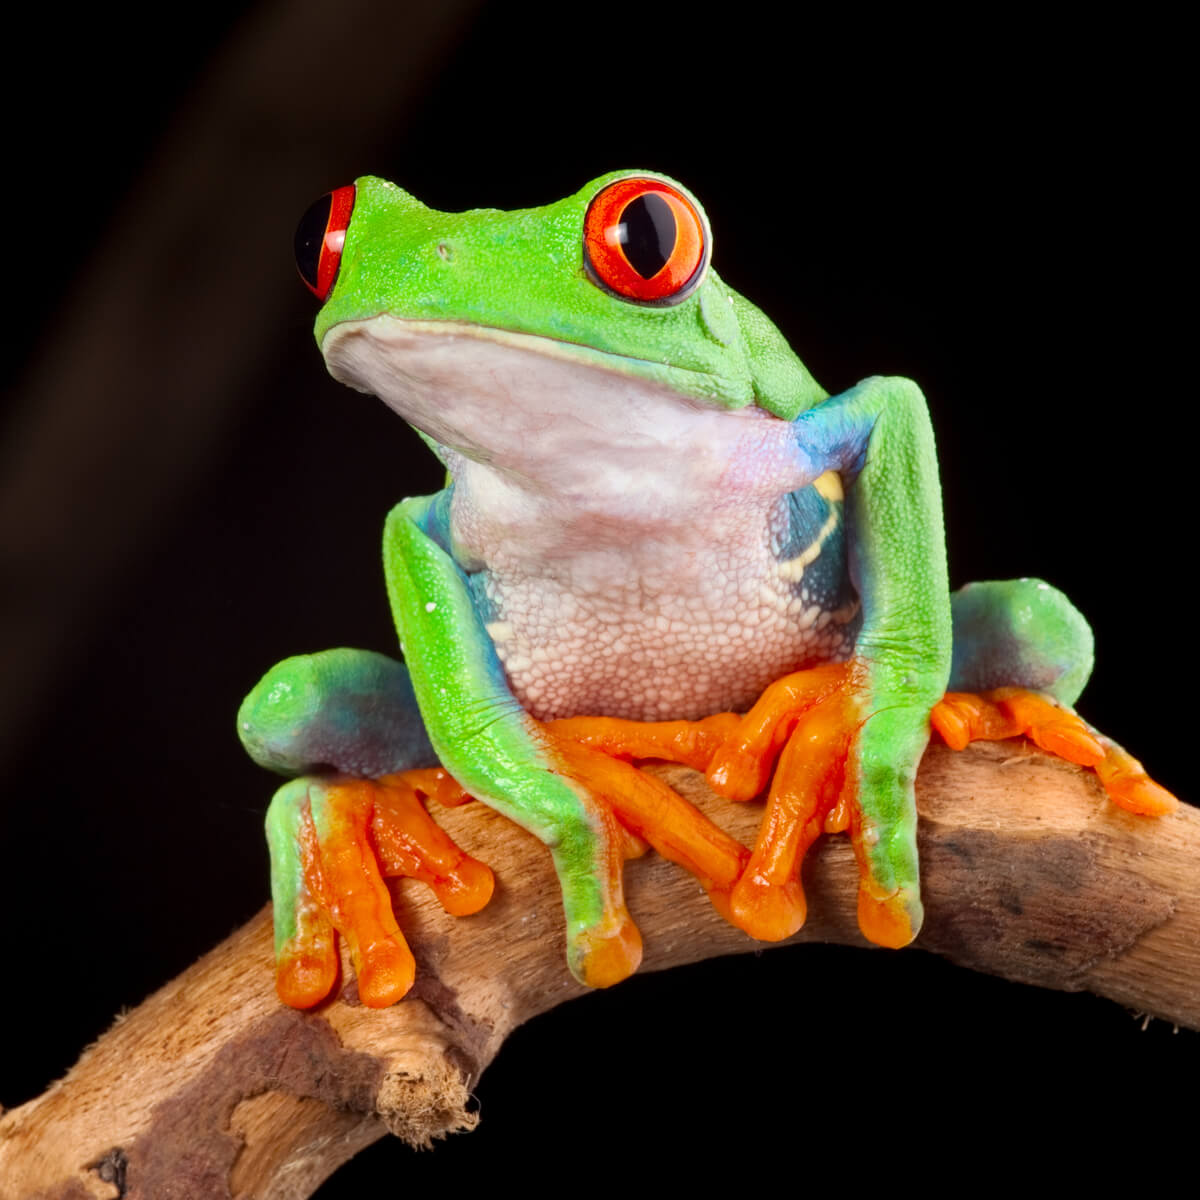 Une grenouille sur une branche.